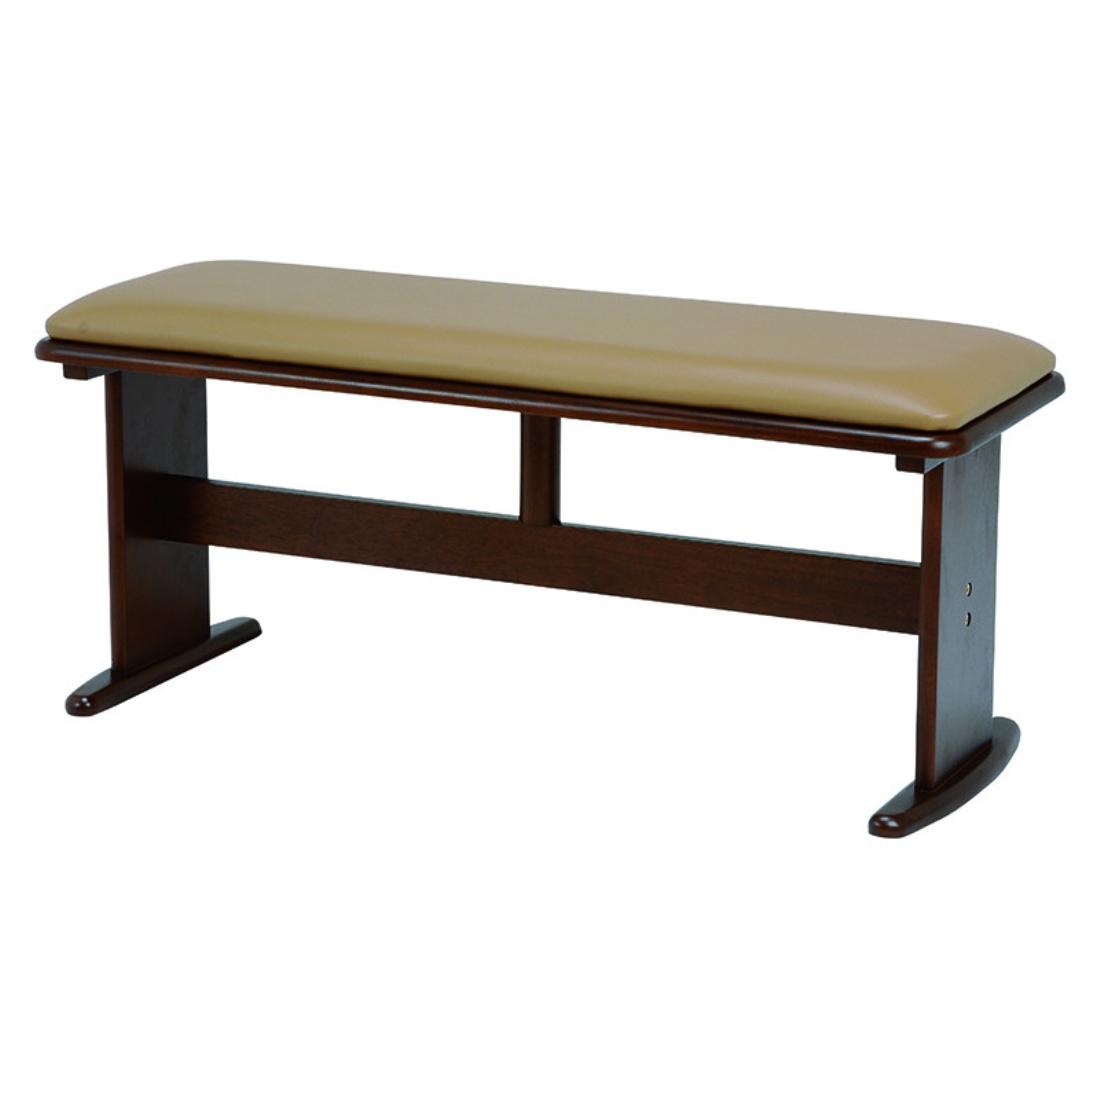 ベンチ 幅100×奥行35×高さ43cm 椅子 チェア チェアー